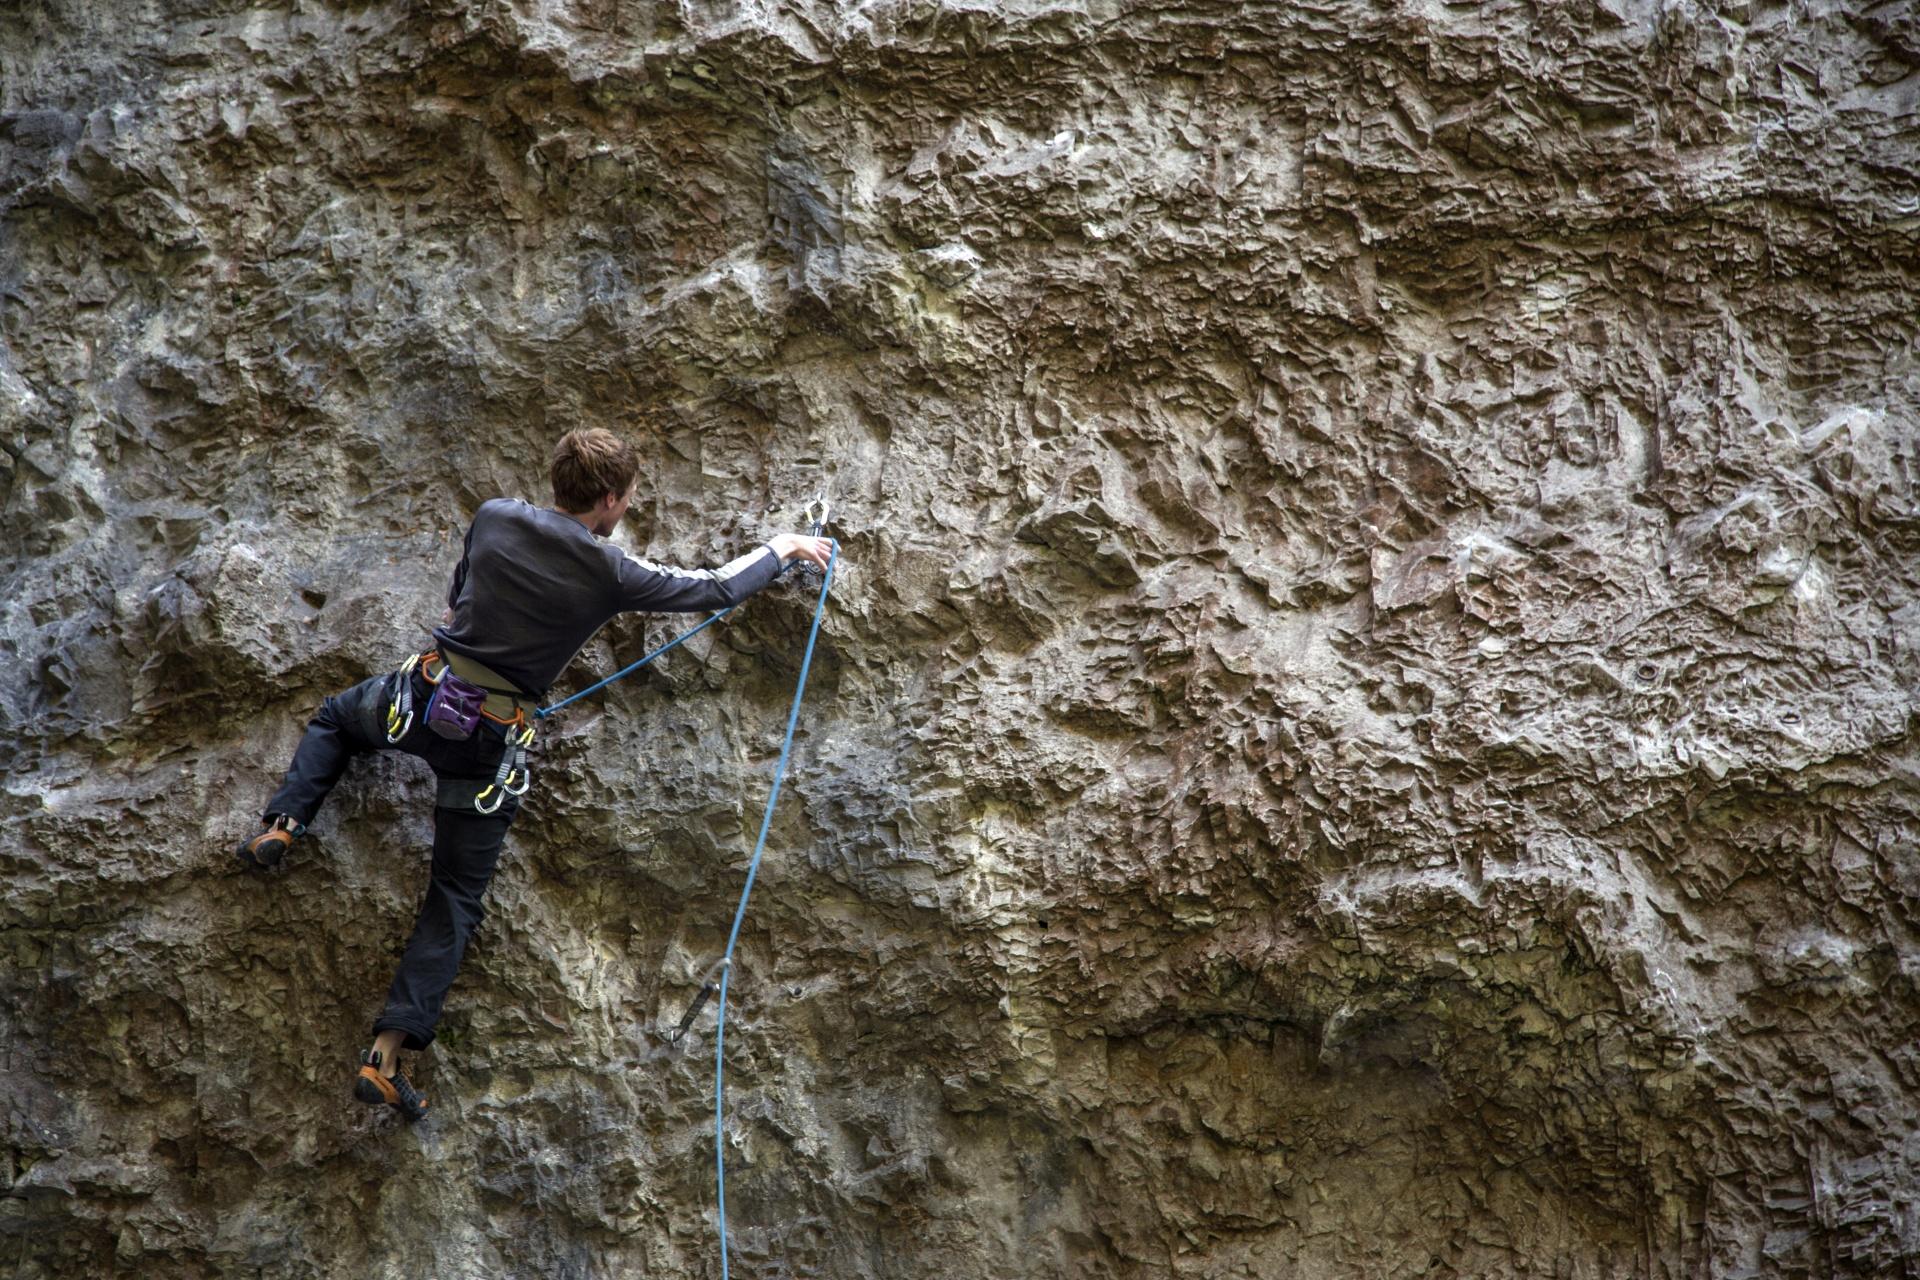 climber-on-the-rock-1499677635O6C.jpg